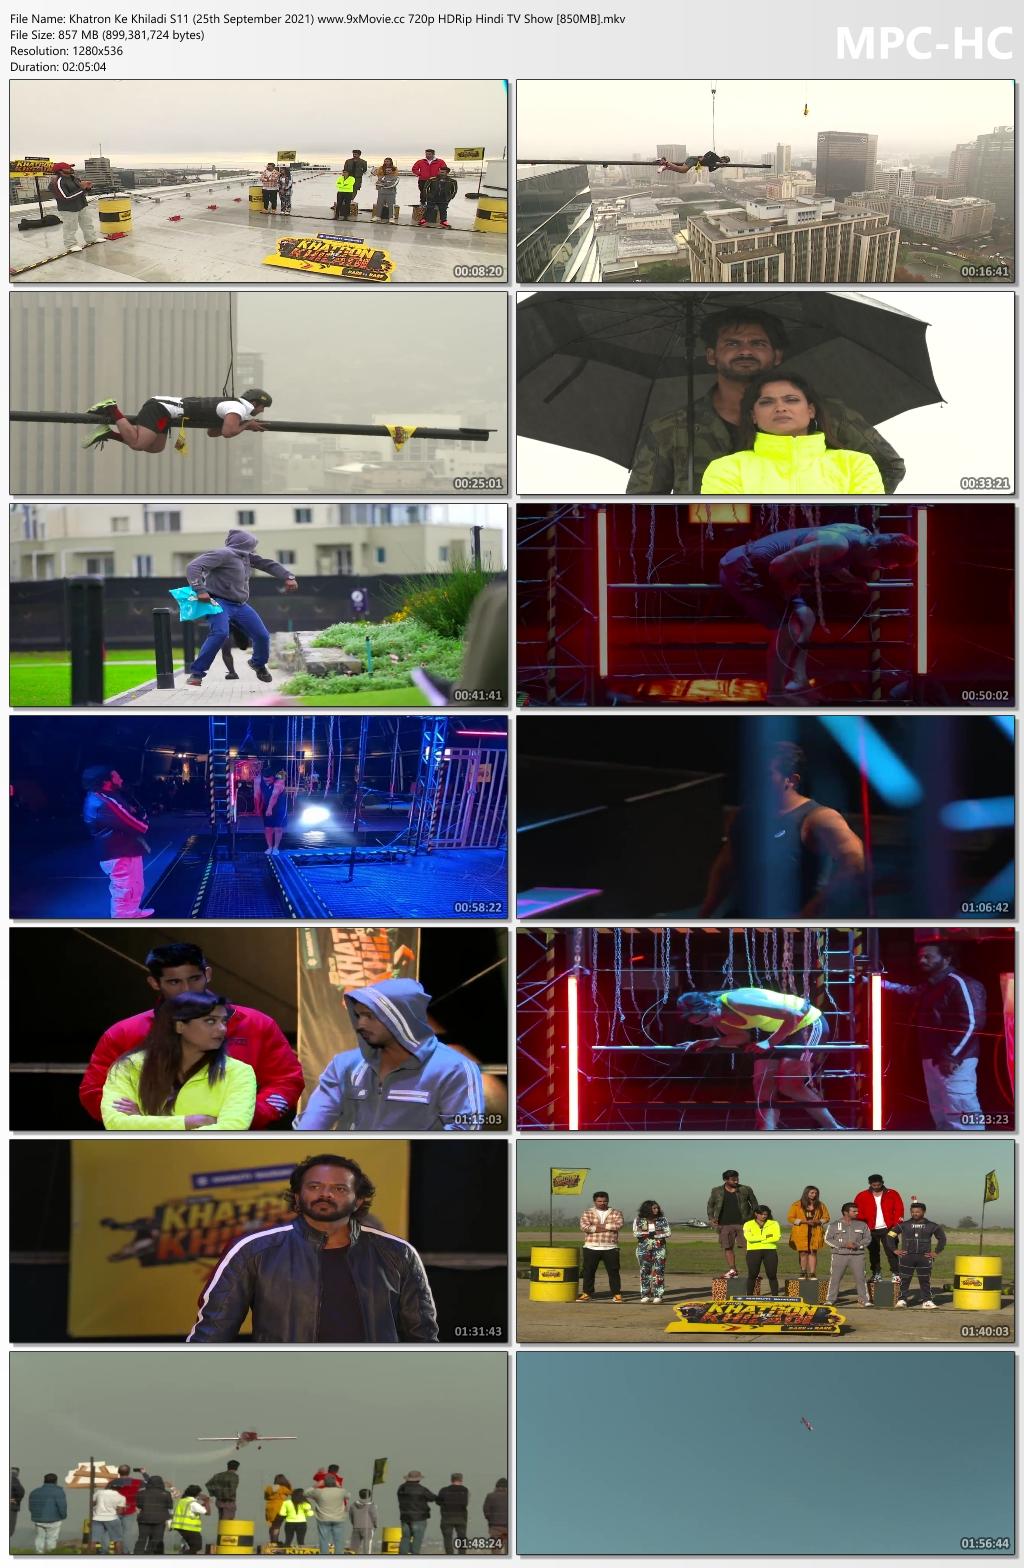 Khatron-Ke-Khiladi-S11-25th-September-2021-www-9x-Movie-cc-720p-HDRip-Hindi-TV-Show-850-MB-mkv